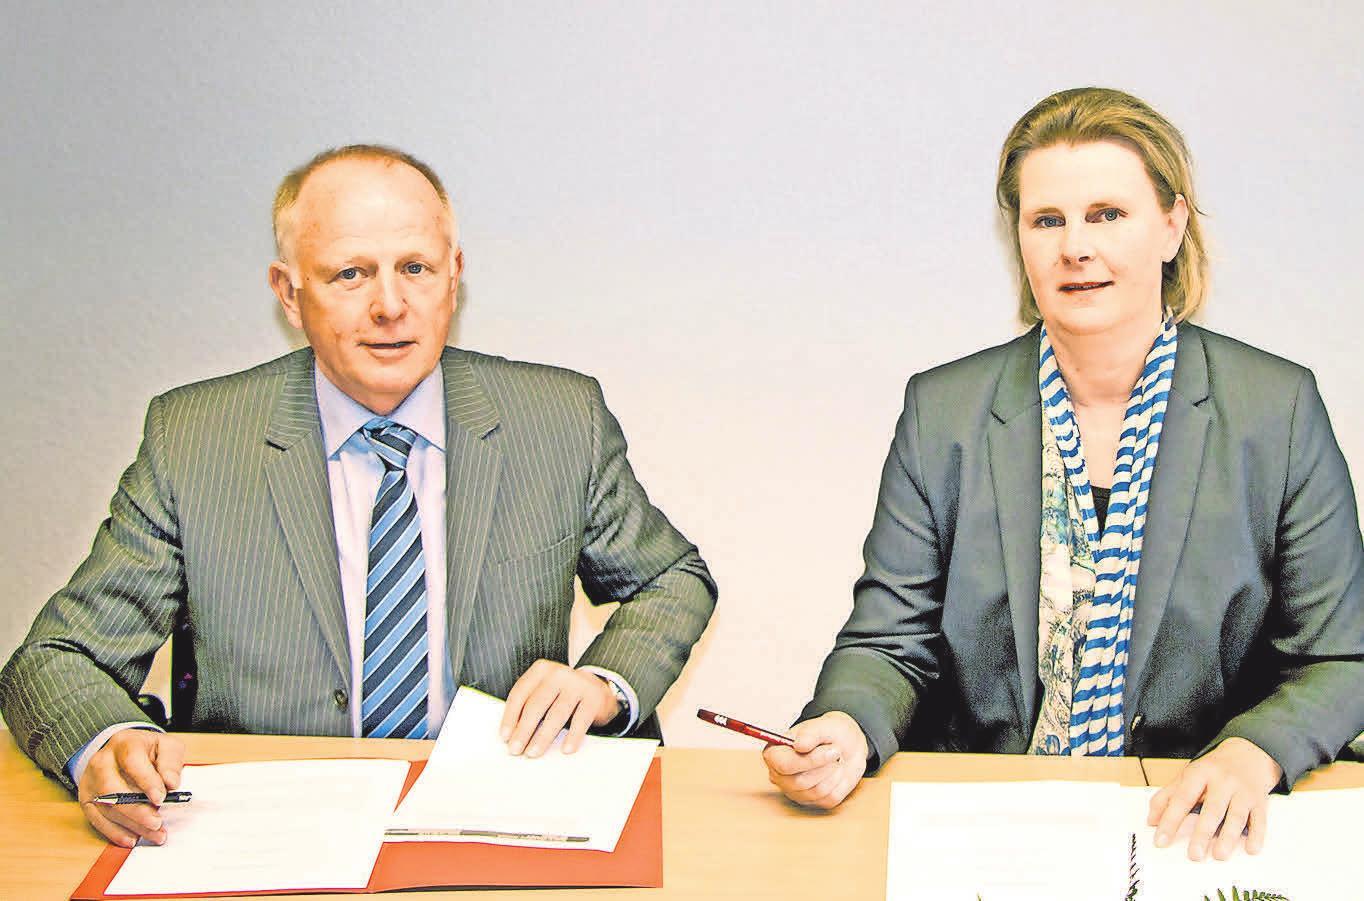 Hochschul-Rektorin Prof. Petra Maier und der Chef der Agentur für Arbeit in Stralsund Dr. Jürgen Radloff während der Unterzeichnung der Kooperationsvereinbarung.FOTO; CLAUDIA RAHN/ HOCHSCHULE STRALSUND